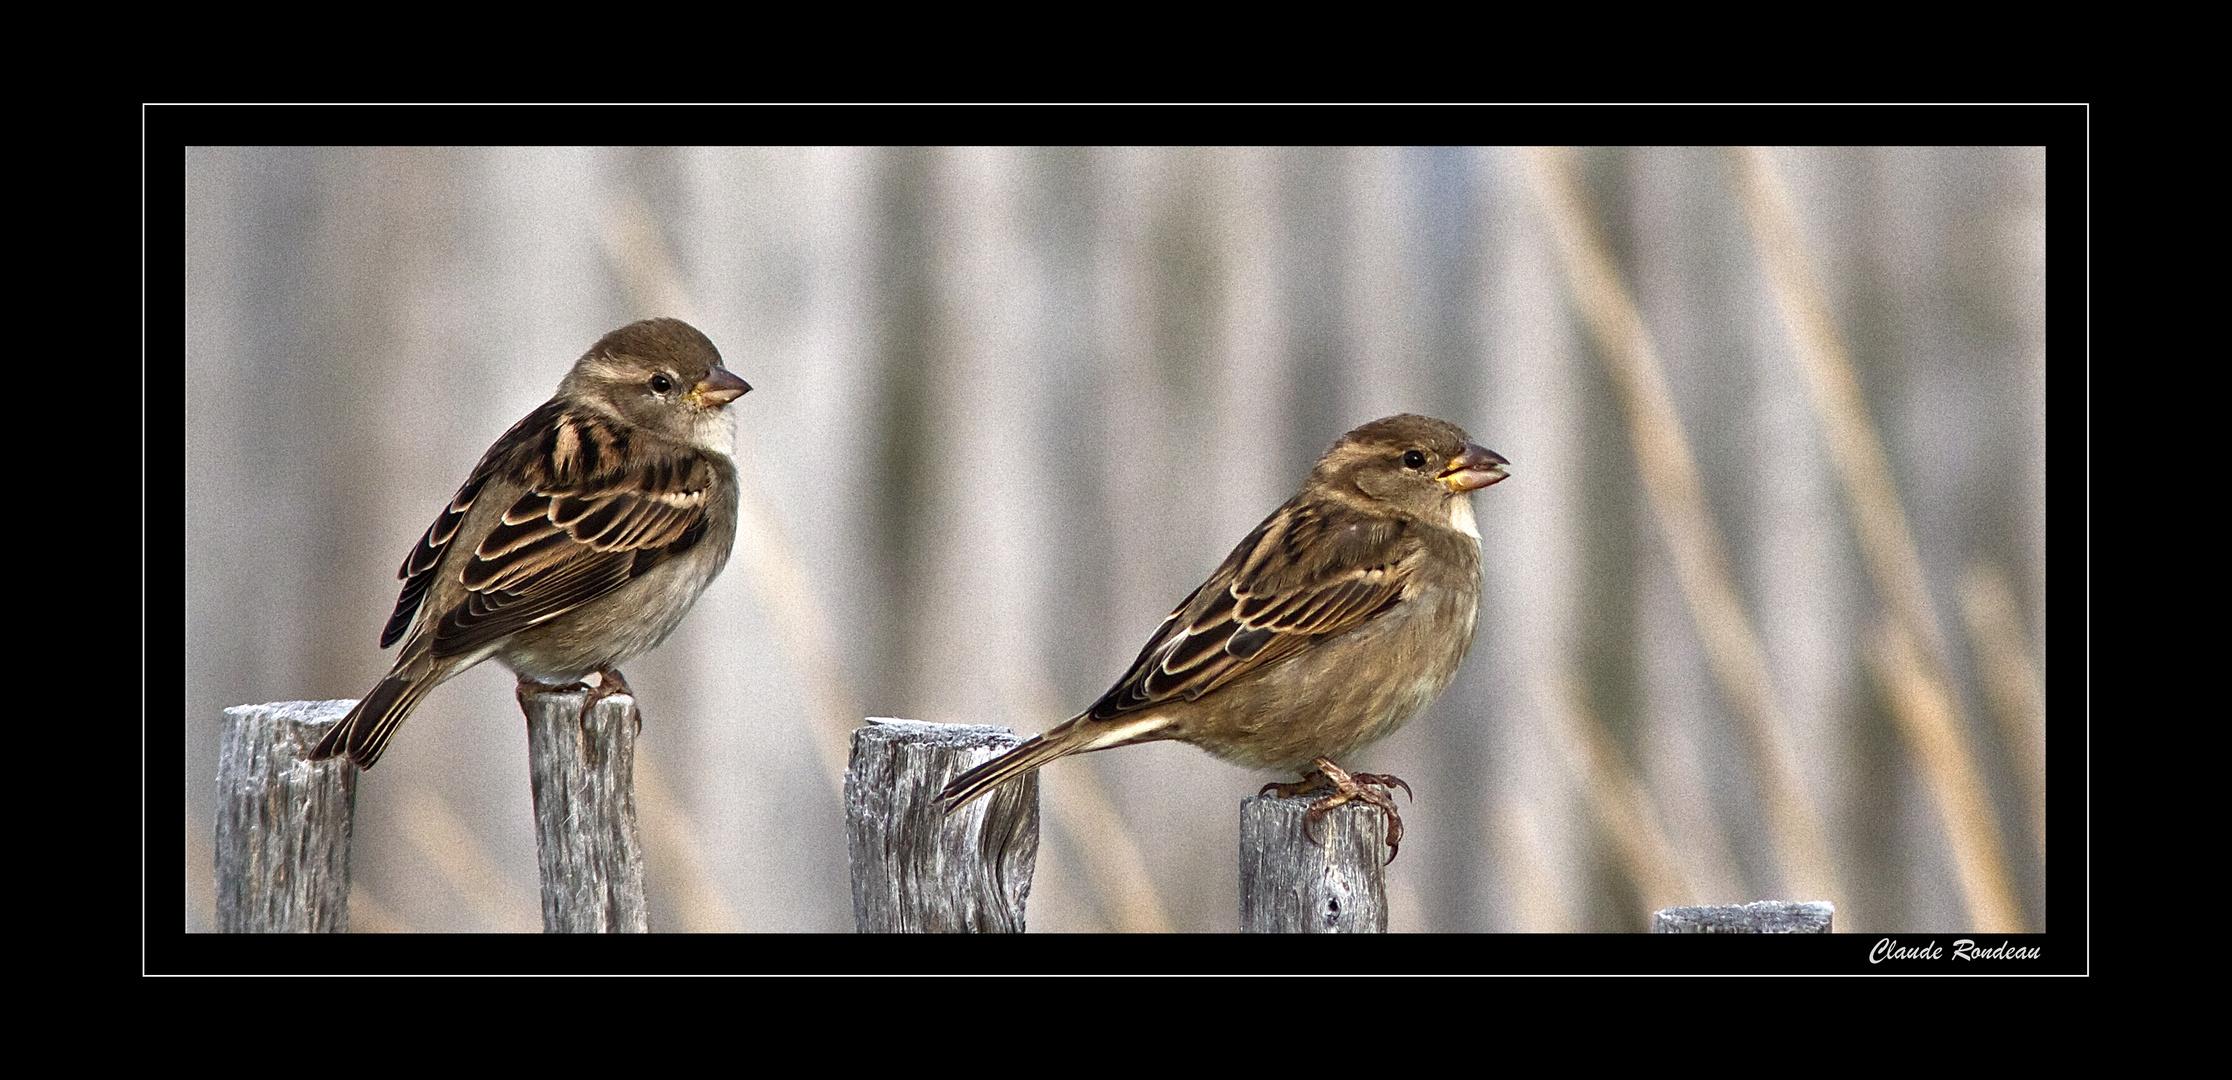 Cet oiseau commun tant délaissé par les photographes!